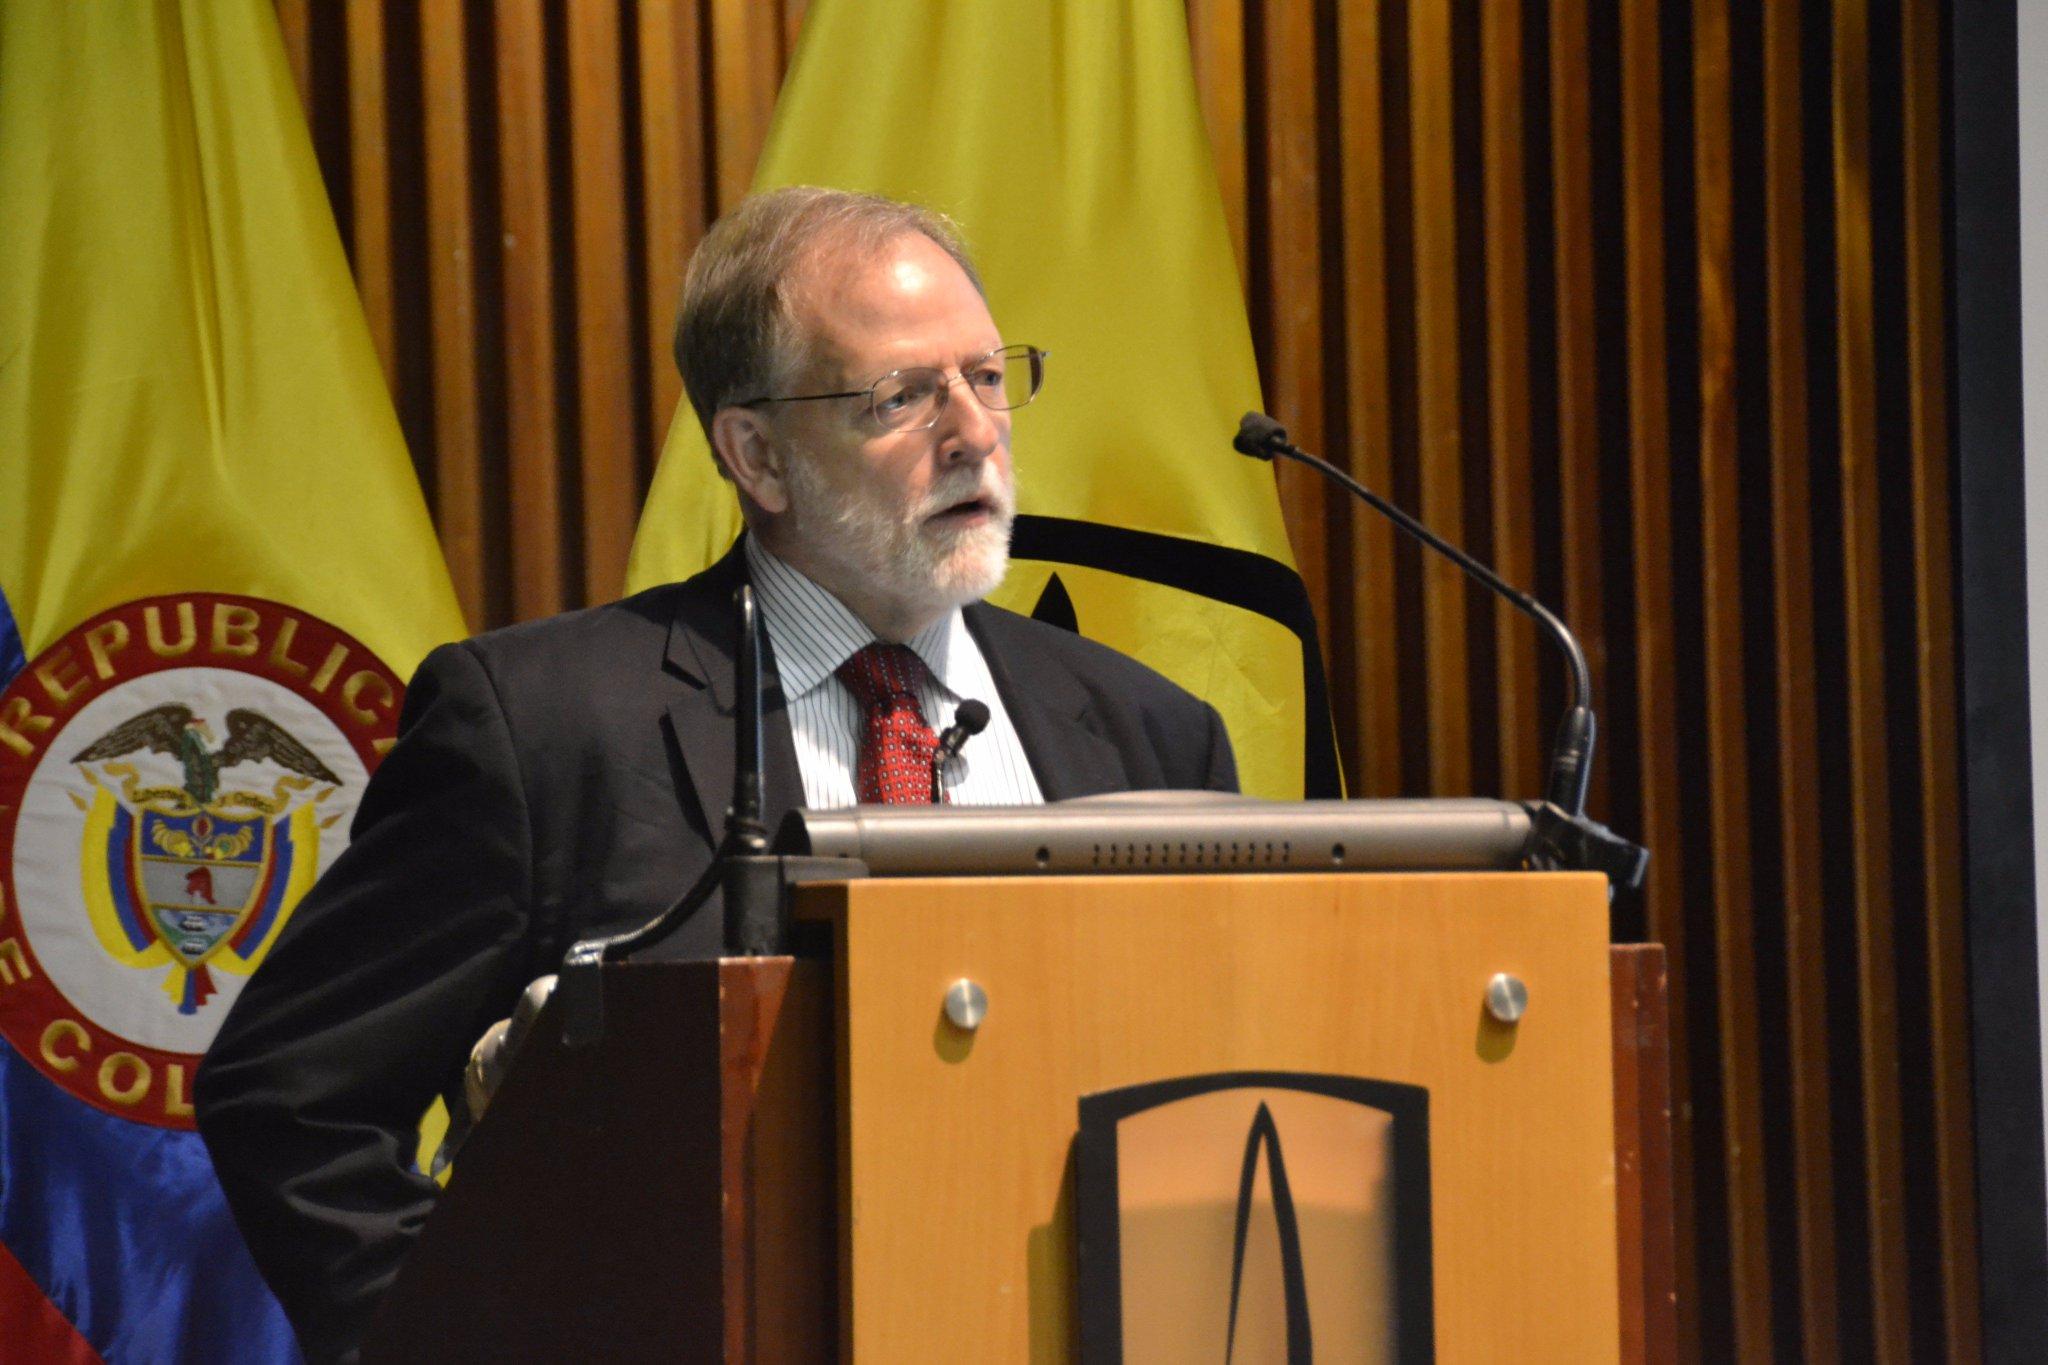 Conferencia de Michael Toman, investigador programa de energía y medio ambiente del @BancoMundial #CrecimientoVerde: https://t.co/1pnwASUUMV https://t.co/qLcVRurCu2